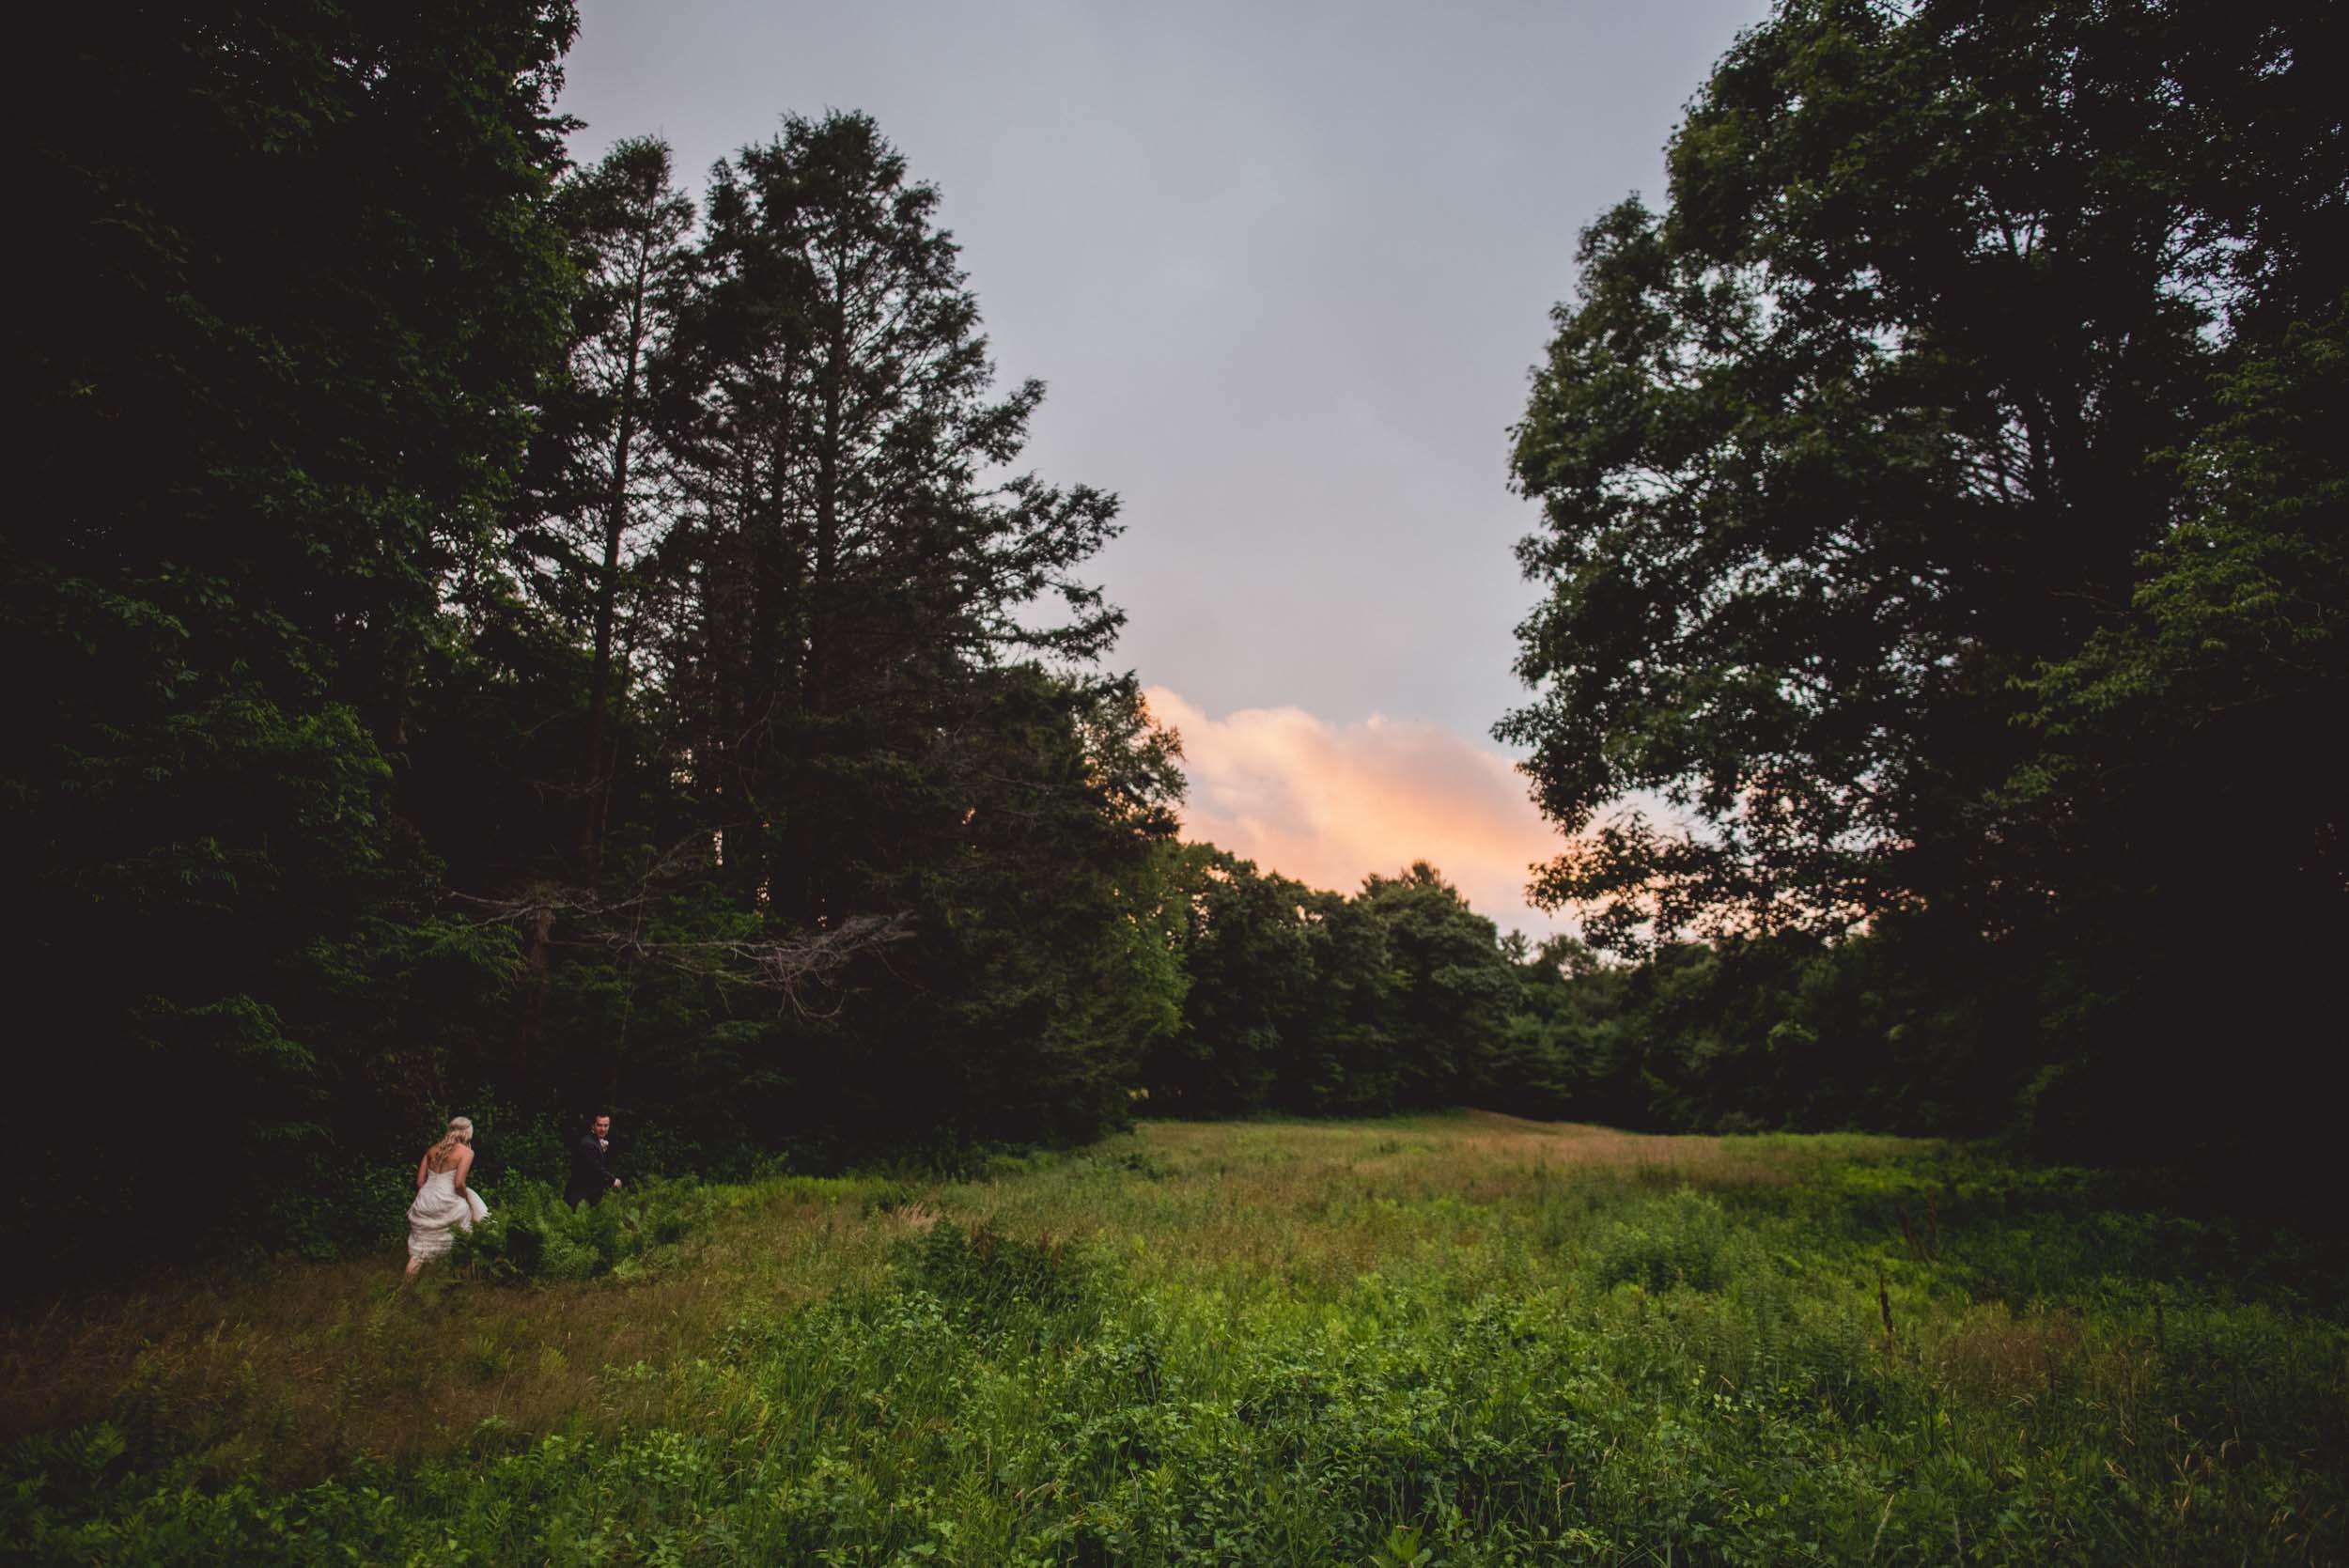 Morraine-Farm-Wedding-21.jpg